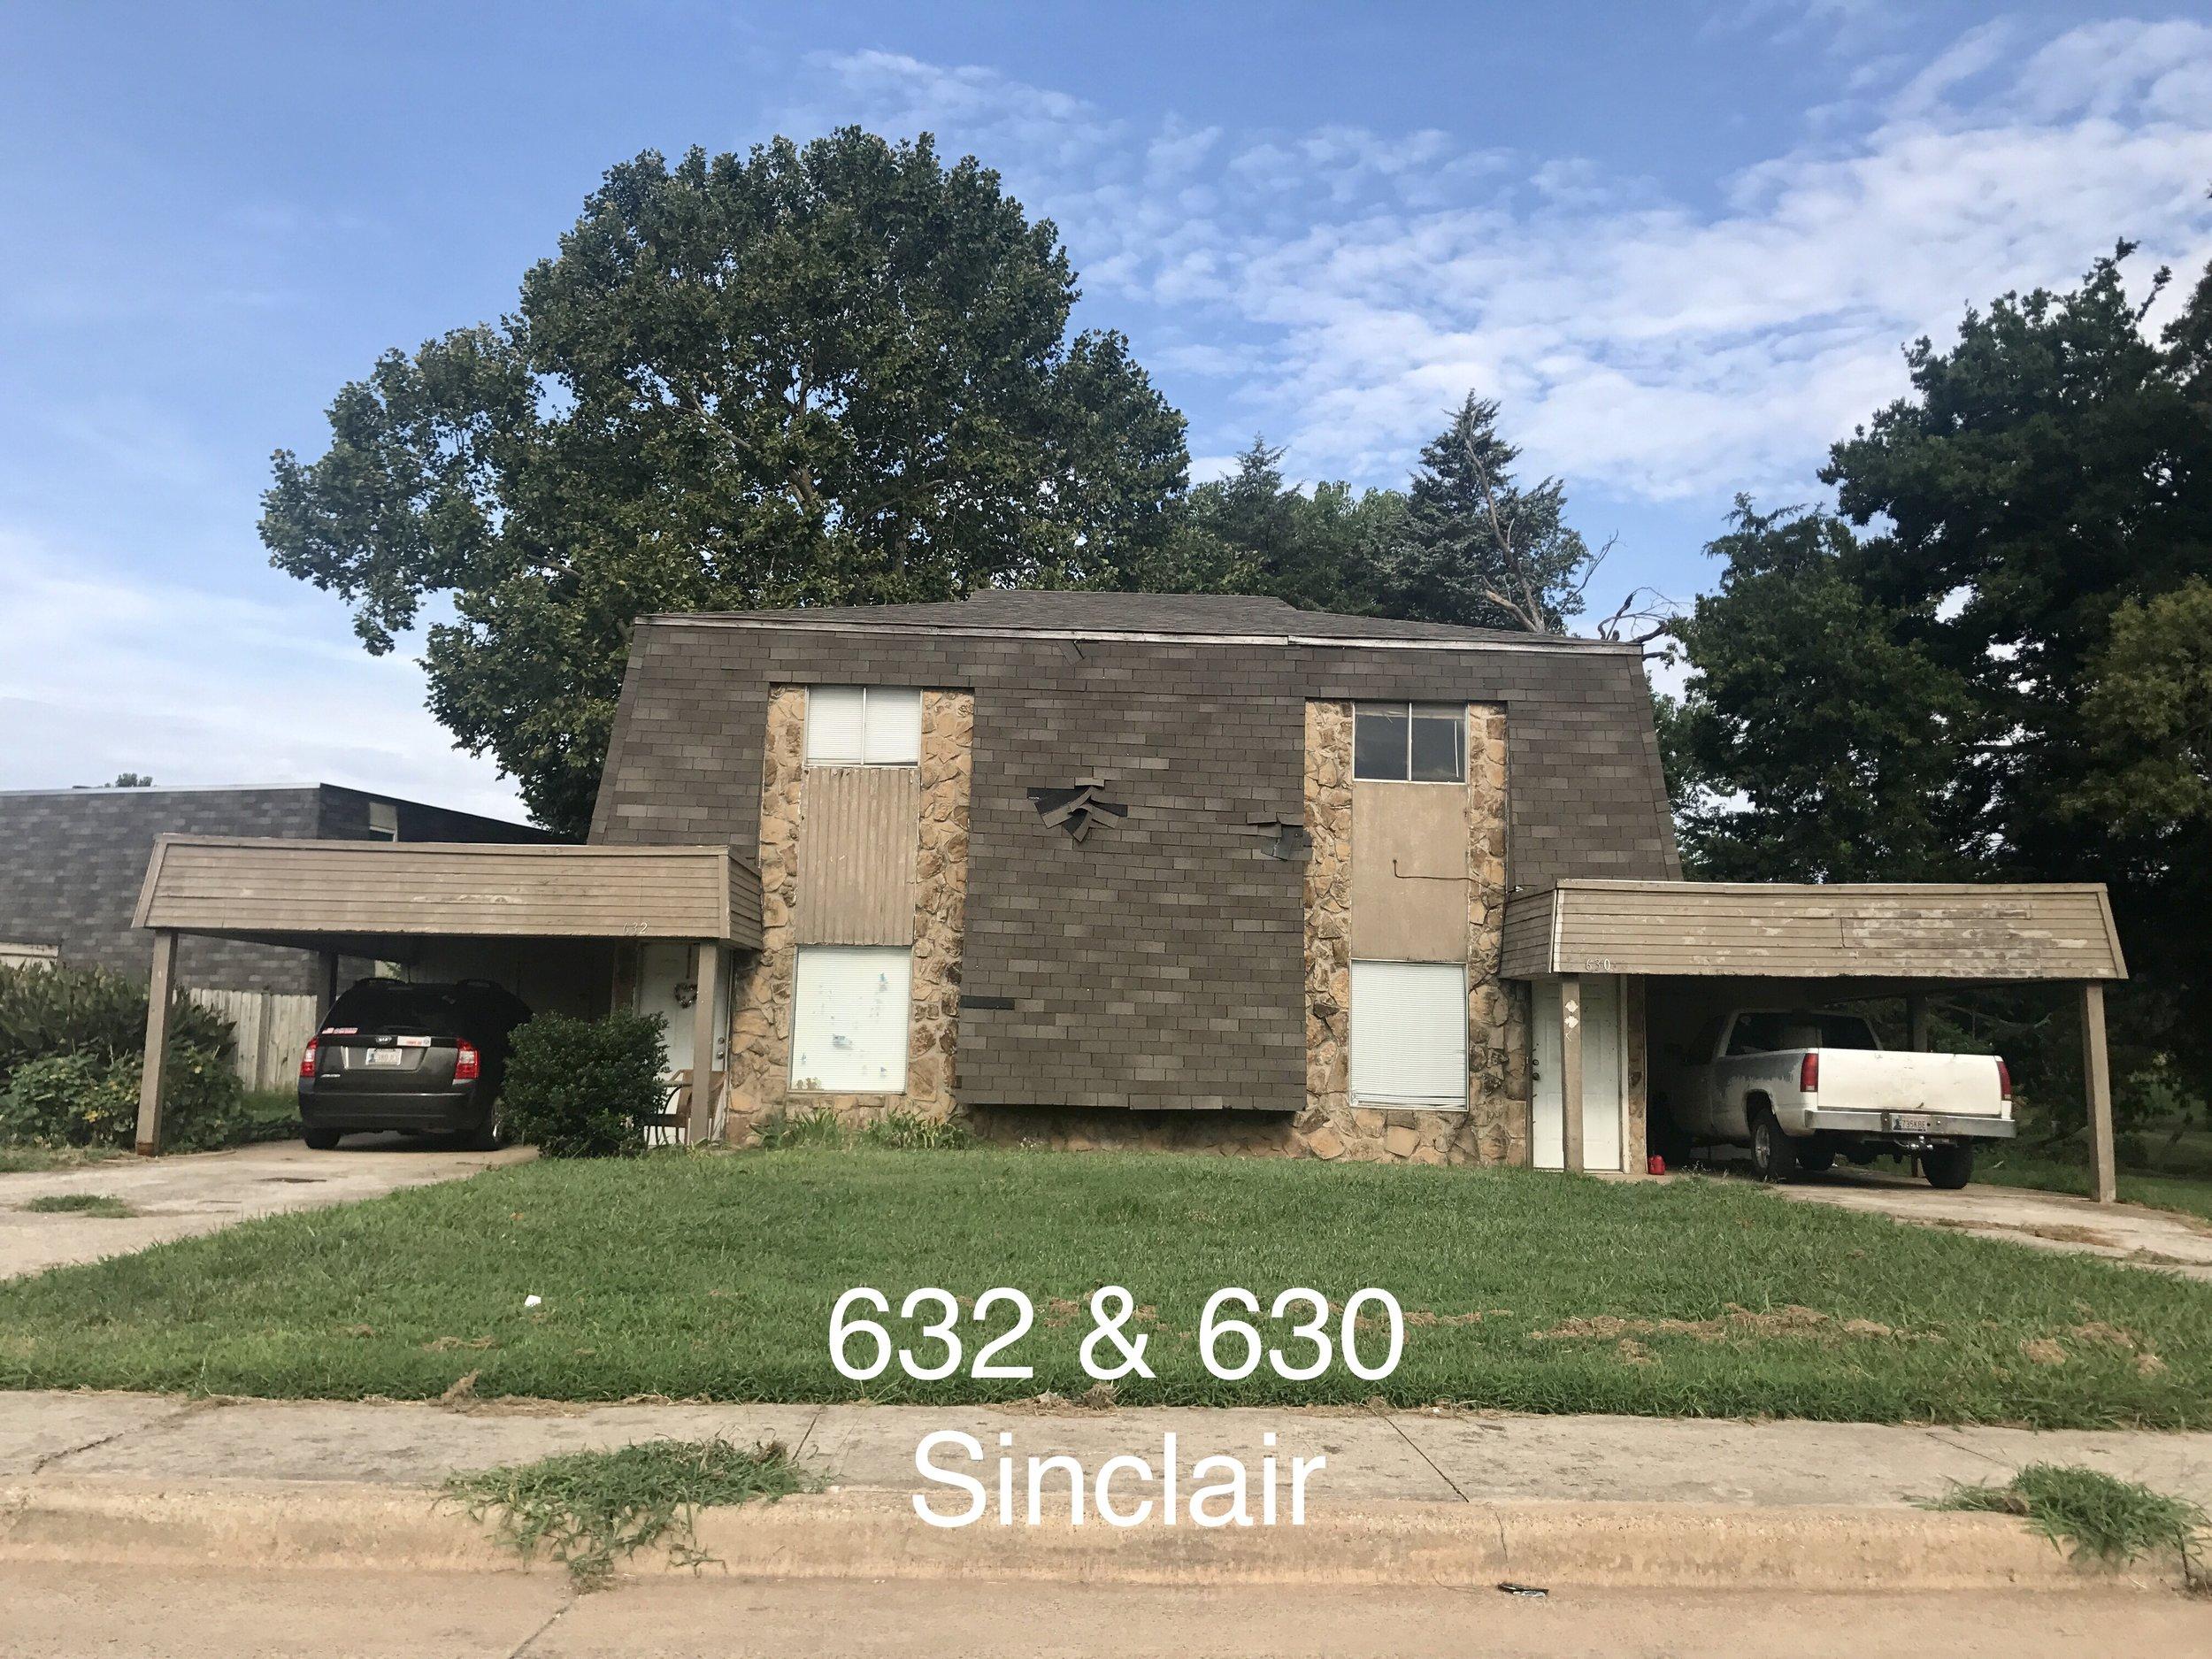 632 & 630 Sinclair.jpg